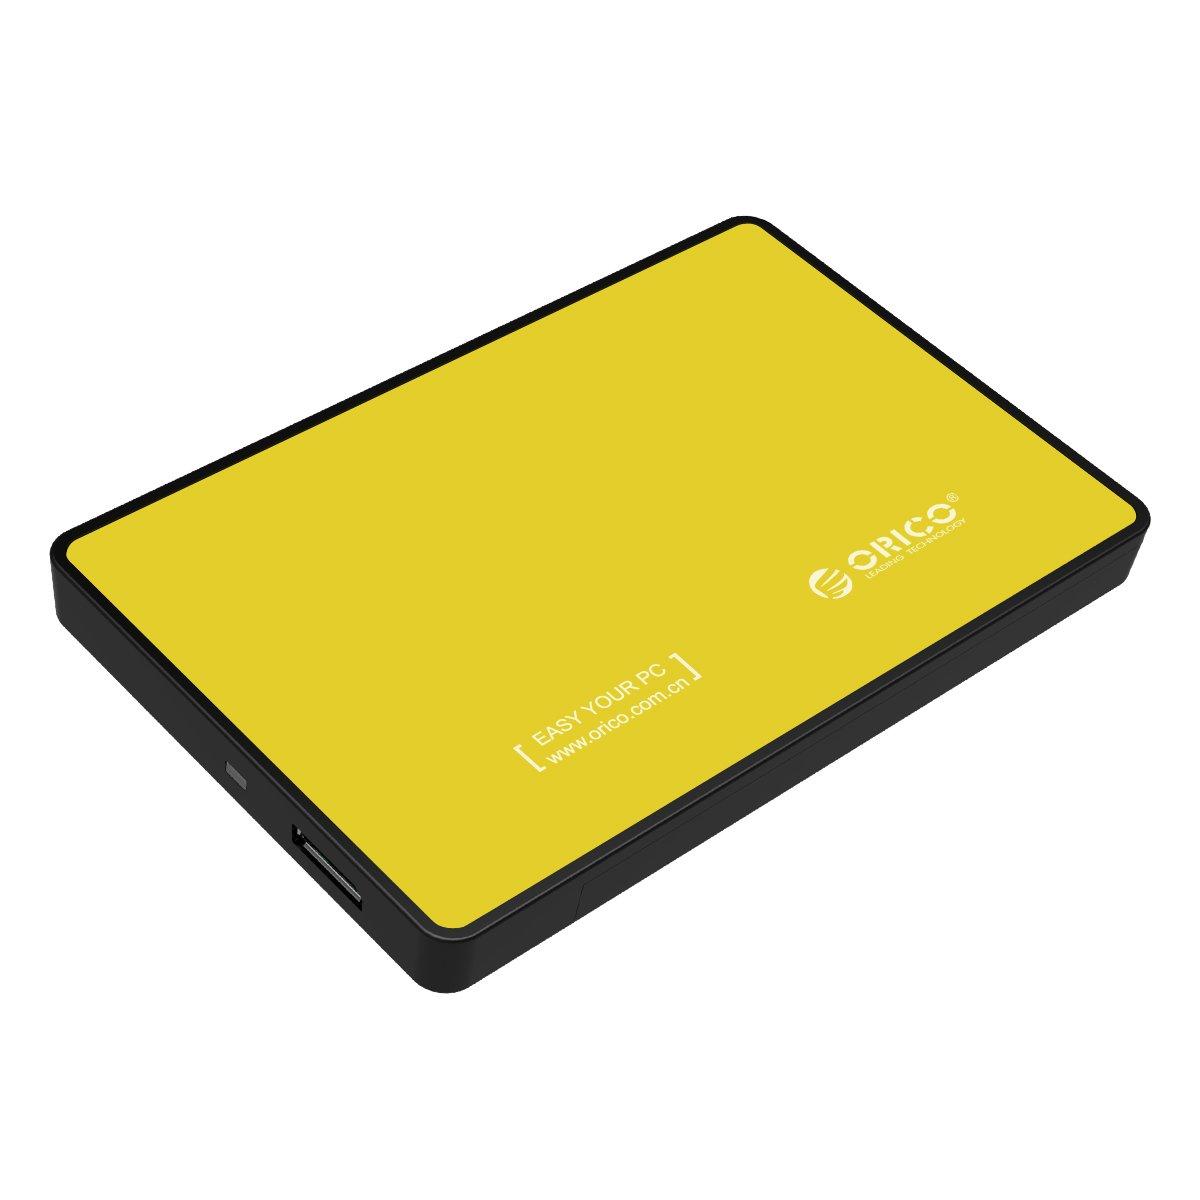 ORICO 2.5 Zoll USB 3.0 festplatten Geh/äuse f/ür 9.5mm /& 7mm 2.5 Zoll SATA SSD HDD mit USB3.0 Kabel Werkzeuglose HDD Installation-Orange